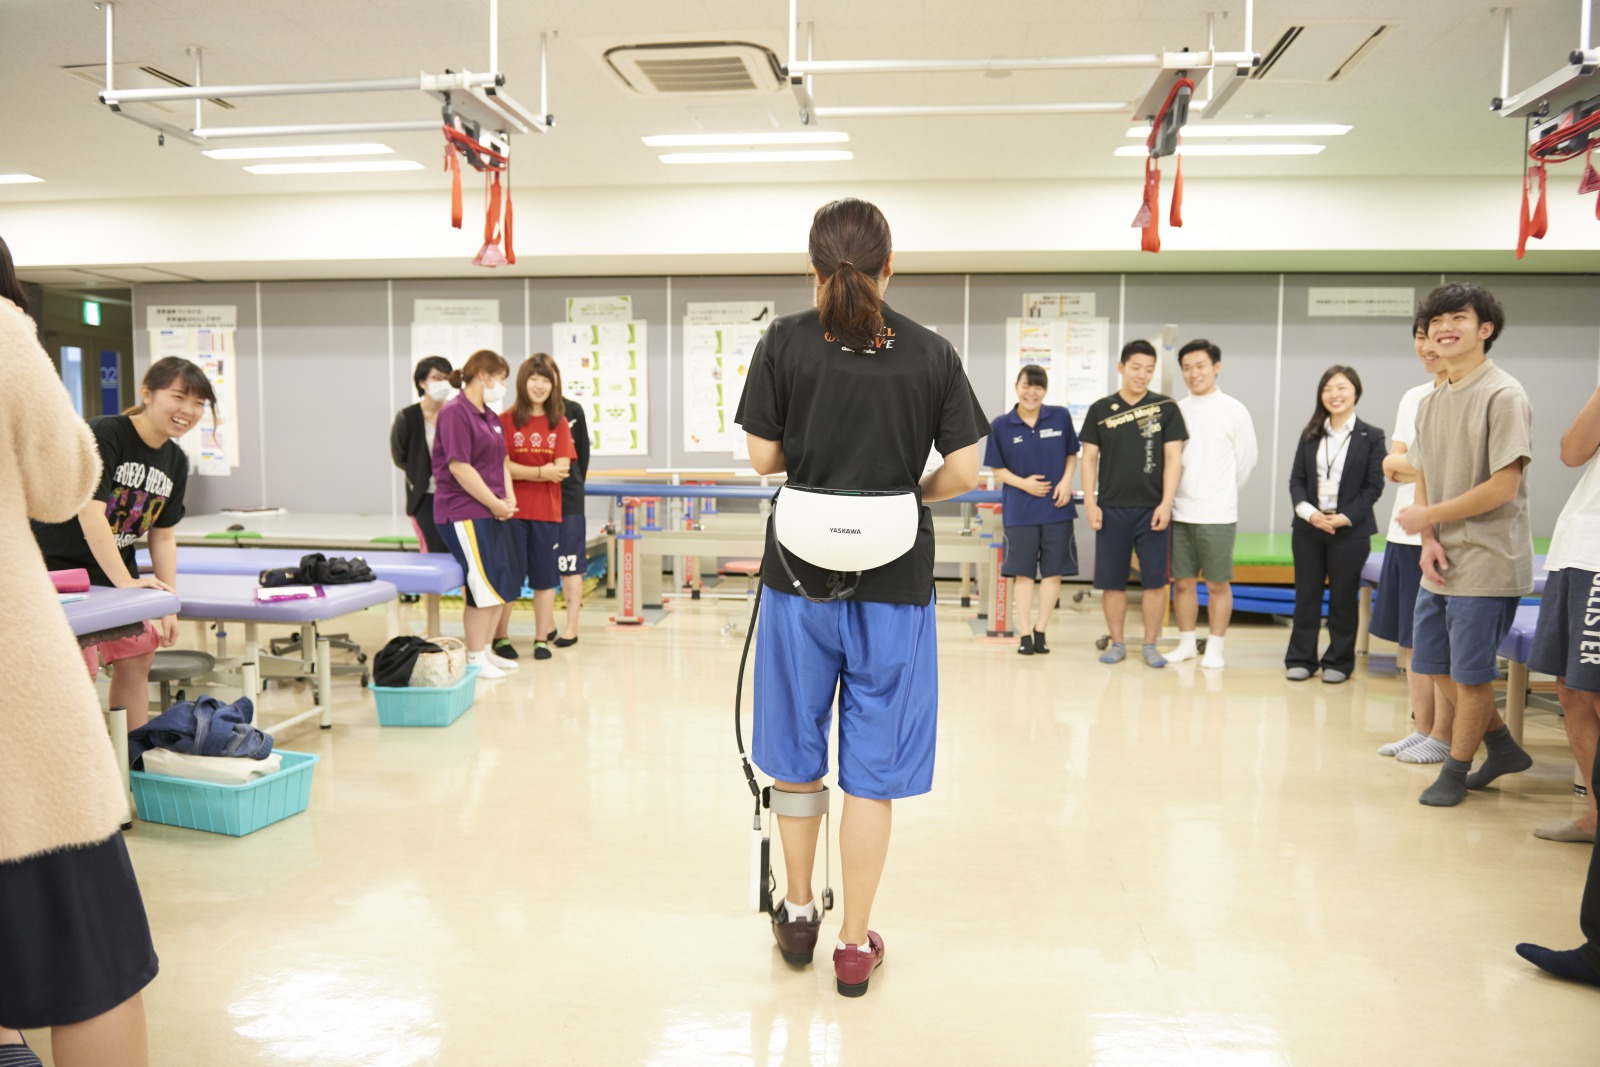 株式会社安川電機の協力のもと、脊髄損傷者用歩行アシスト装置ReWalk・足首アシスト装置の講義とデモンストレーションを実施 -- 帝京平成大学